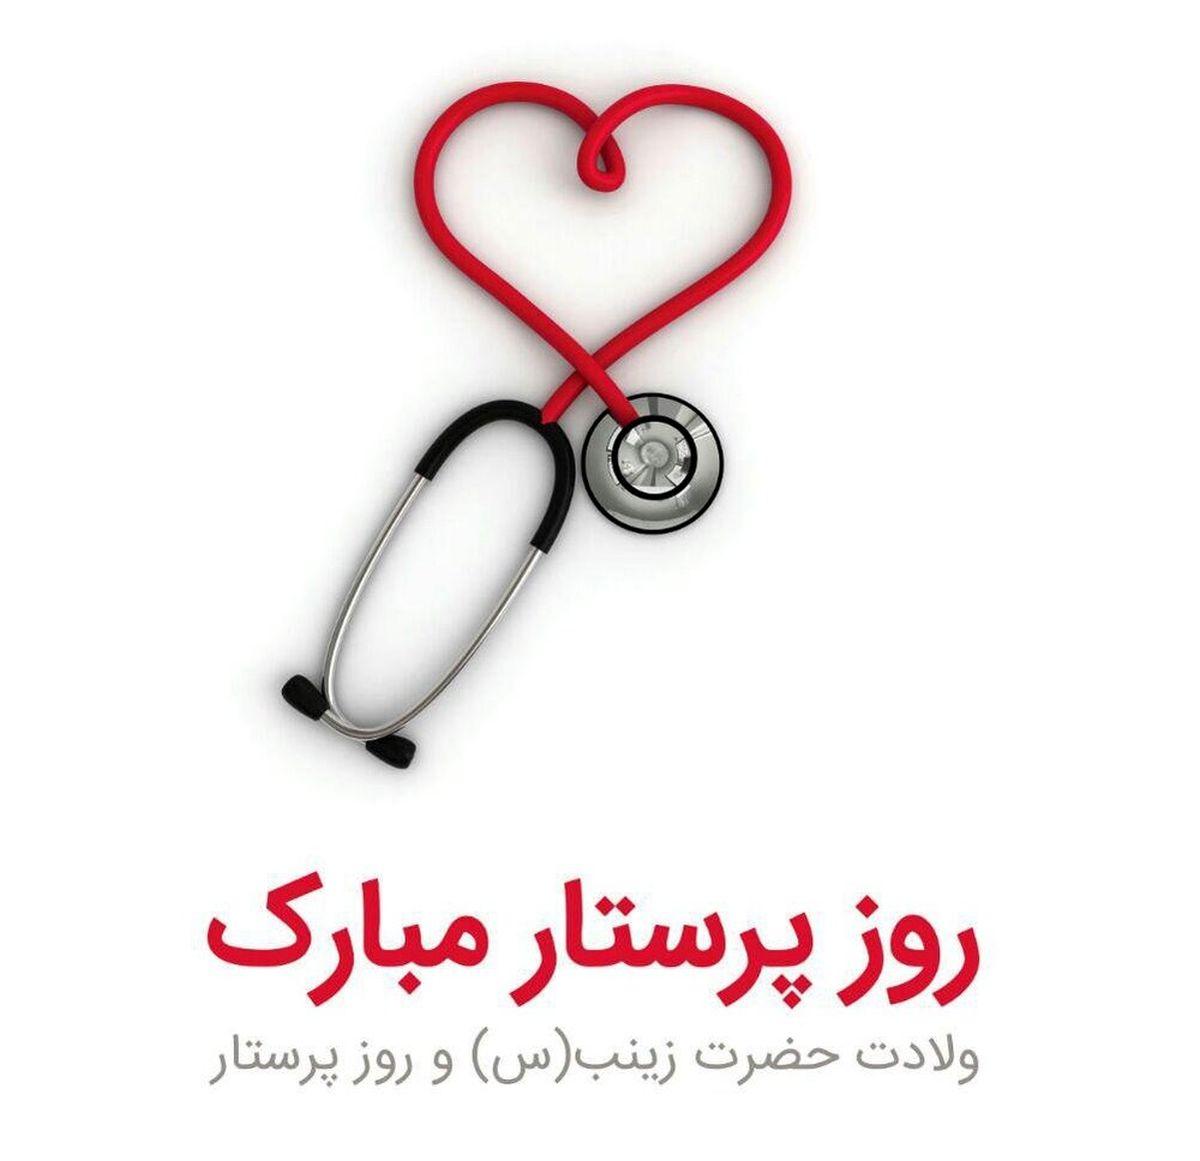 متن زیبا برای تبریک روز پرستار + عکس نوشته